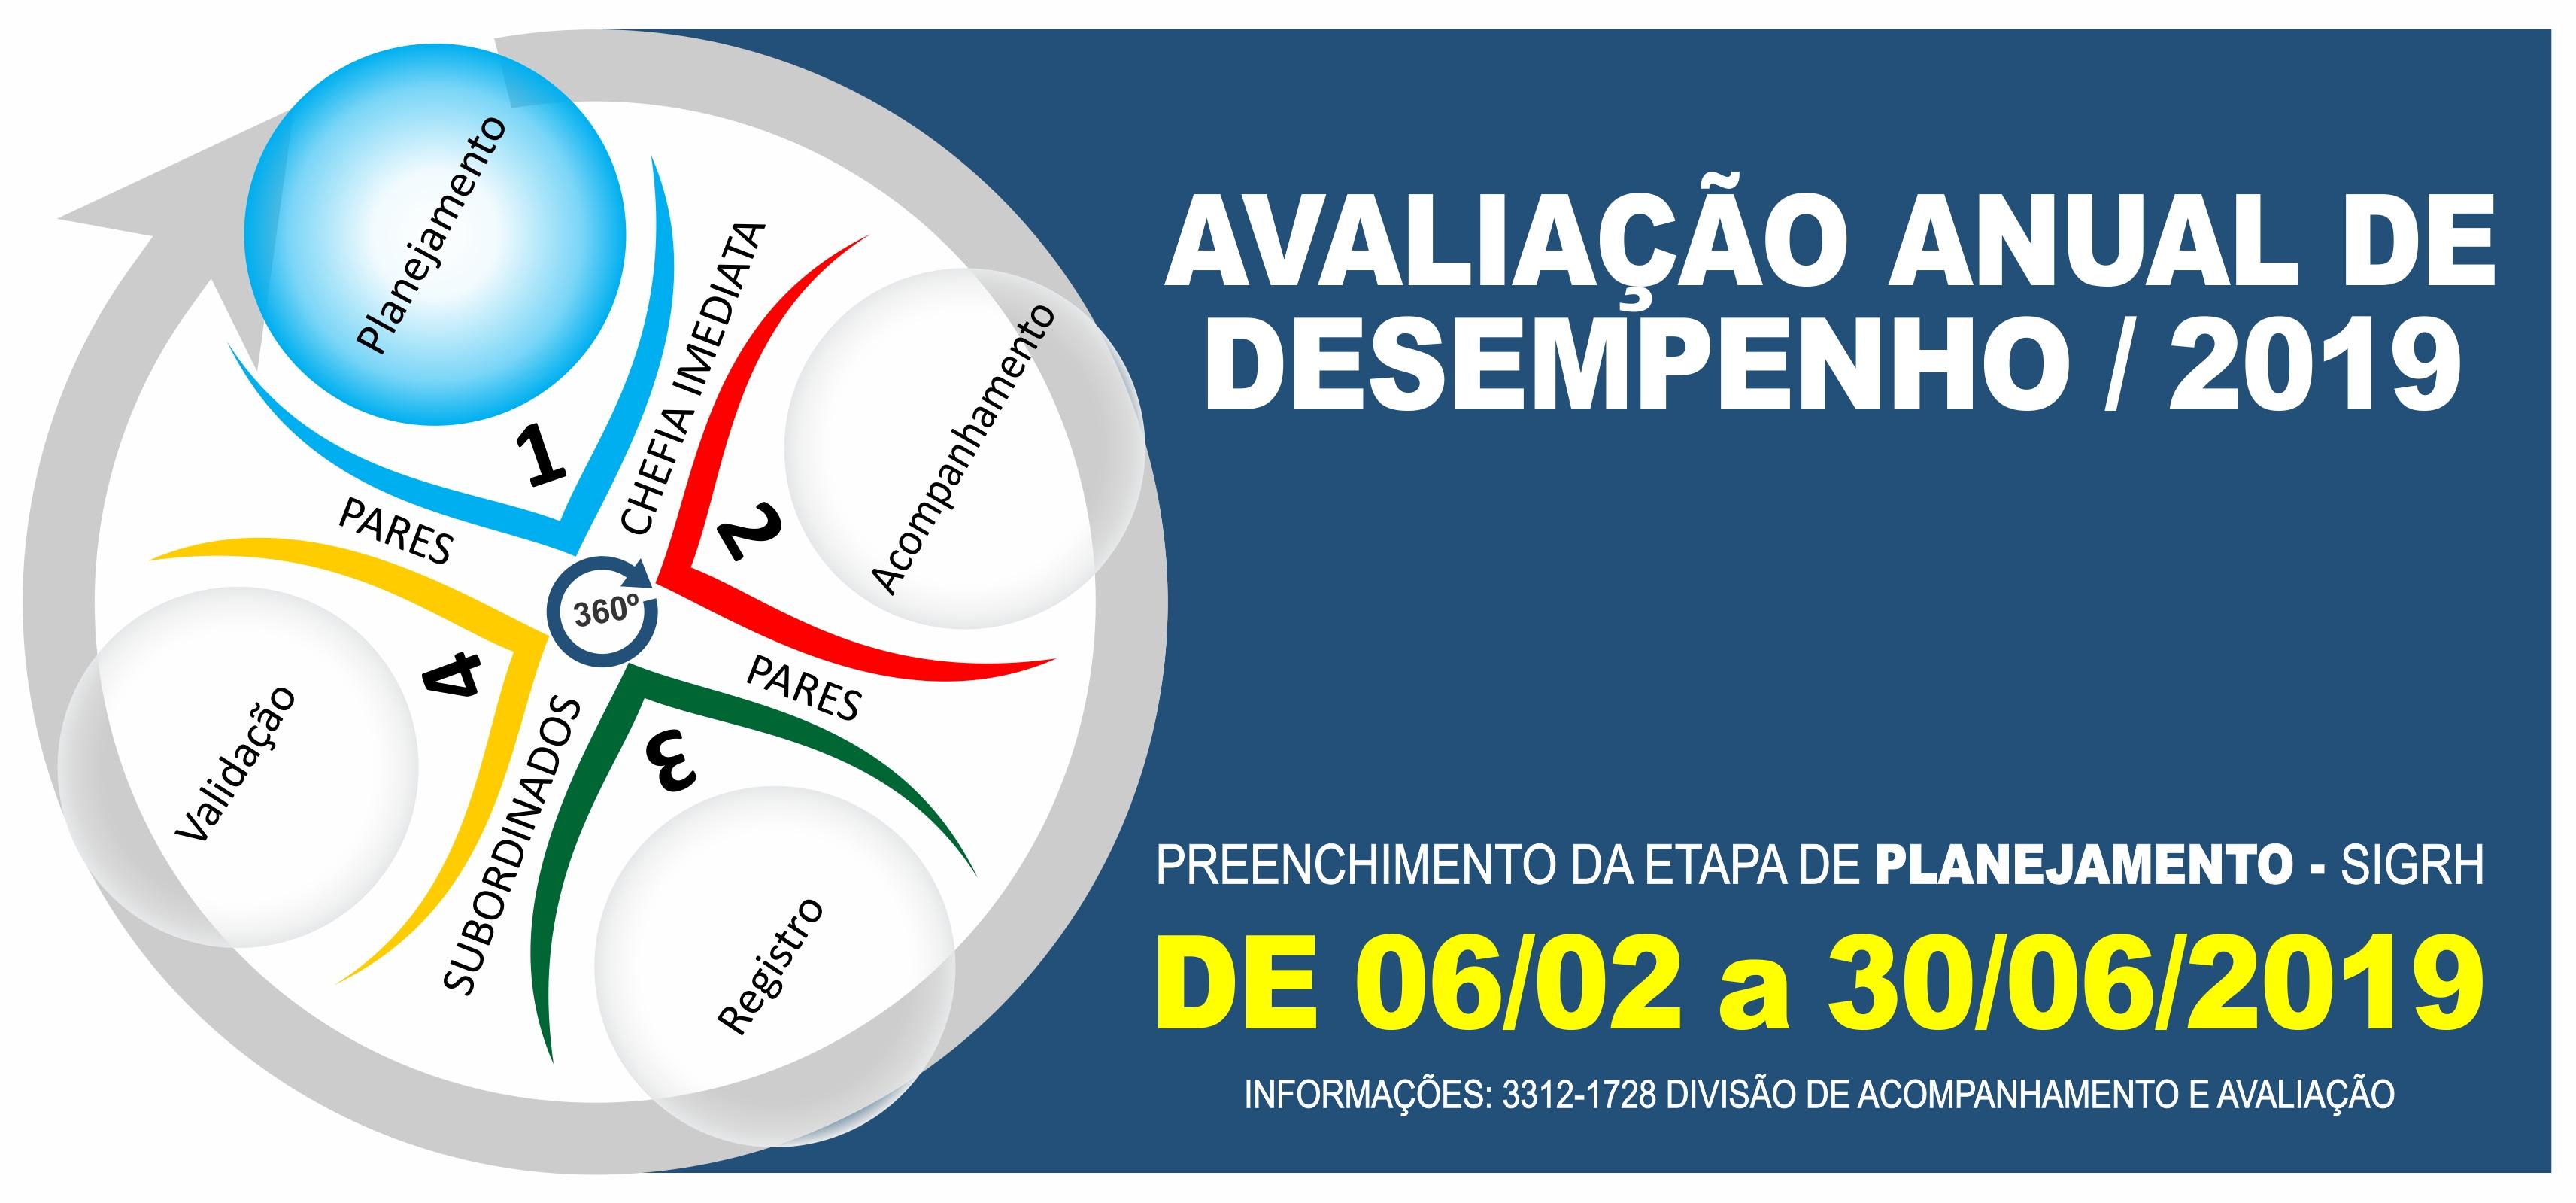 AVALIAÇÃO DE DESEMPENHO 2019